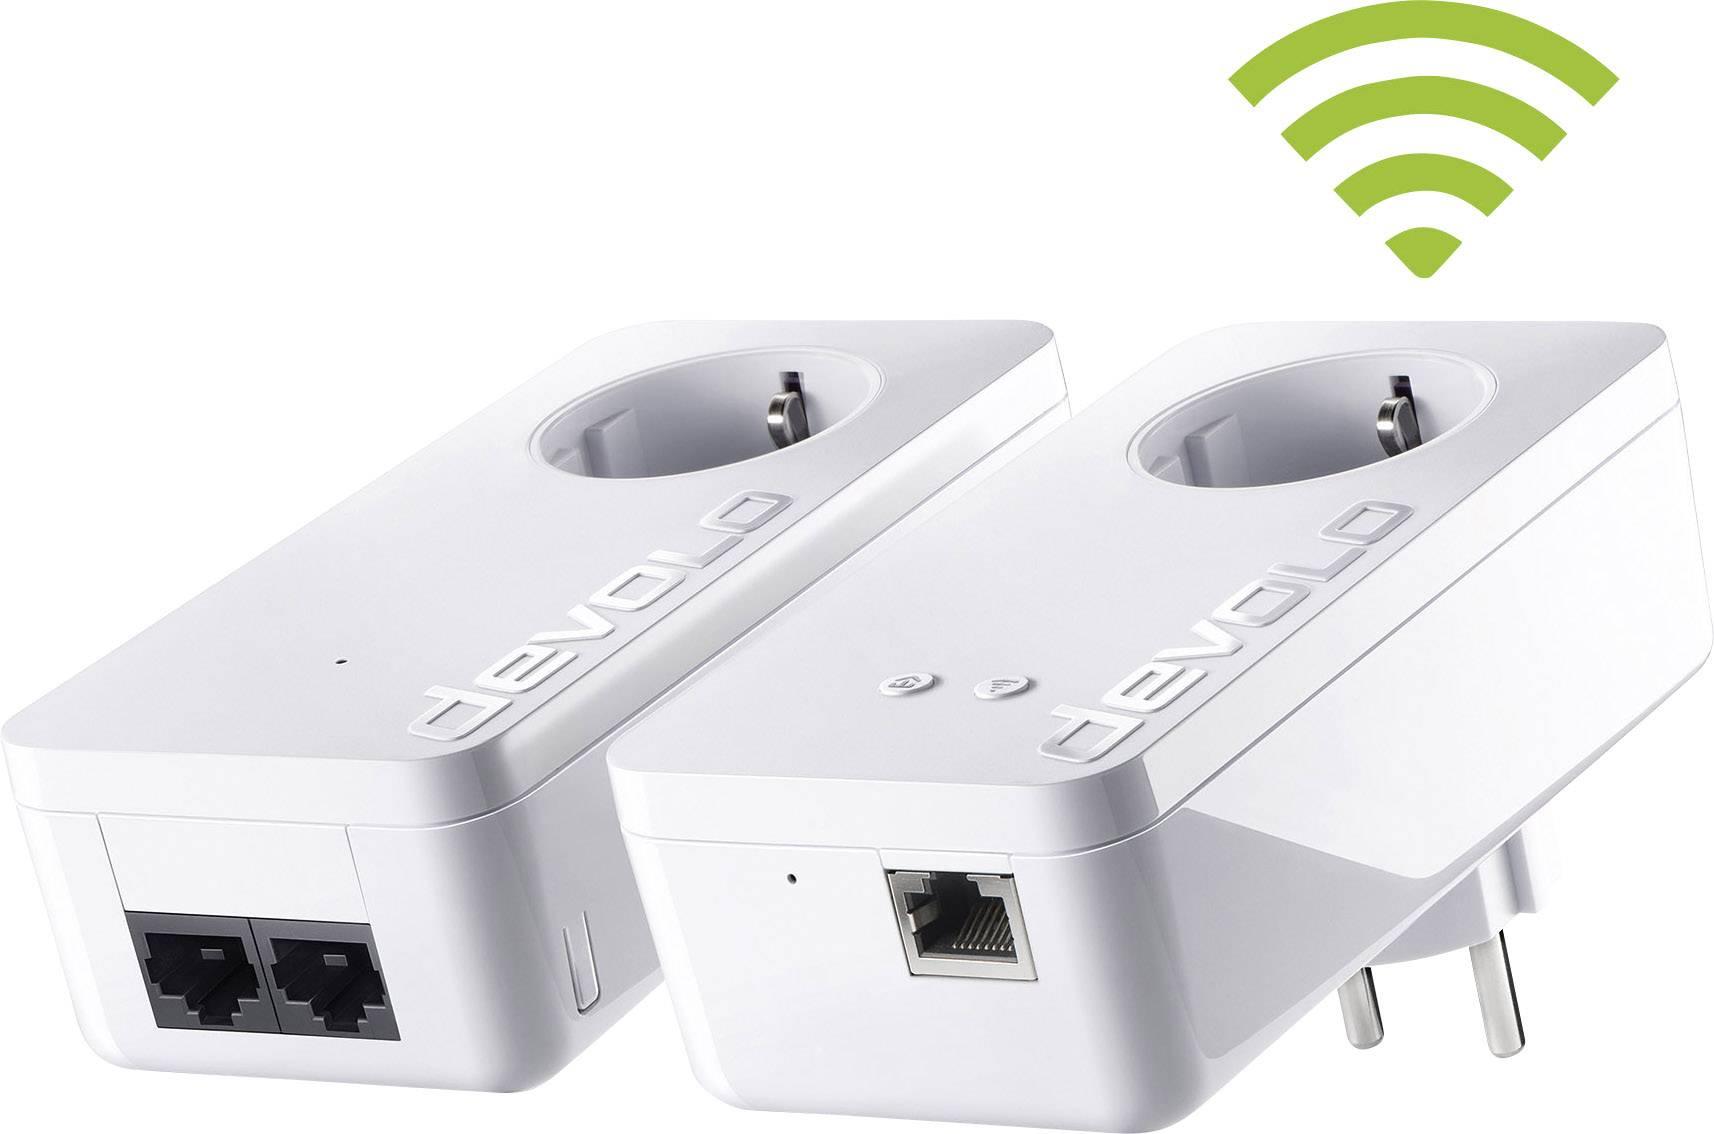 Powerline Wi-Fi Starter Kit Devolo dLAN 550+ WiFi, 500 Mbit/s